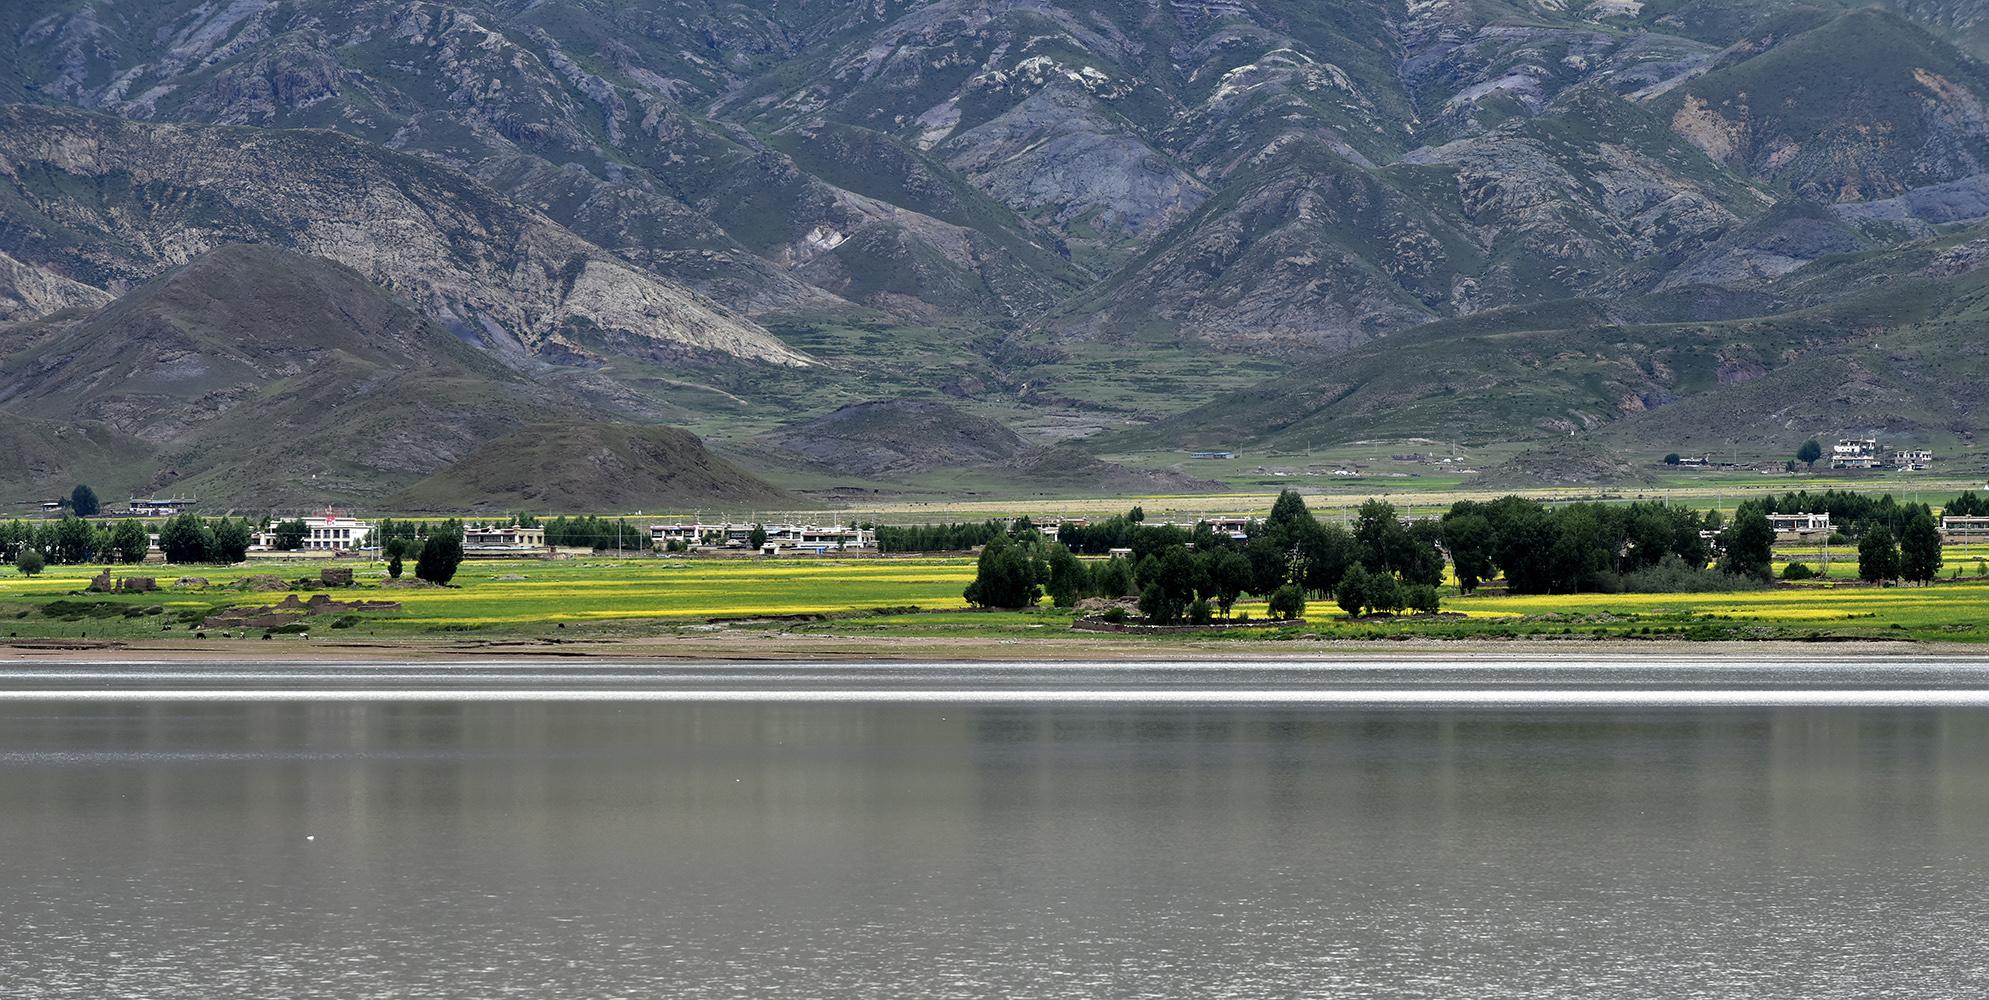 夏日西藏虎头山水库:绿野山川 共绘田园美景